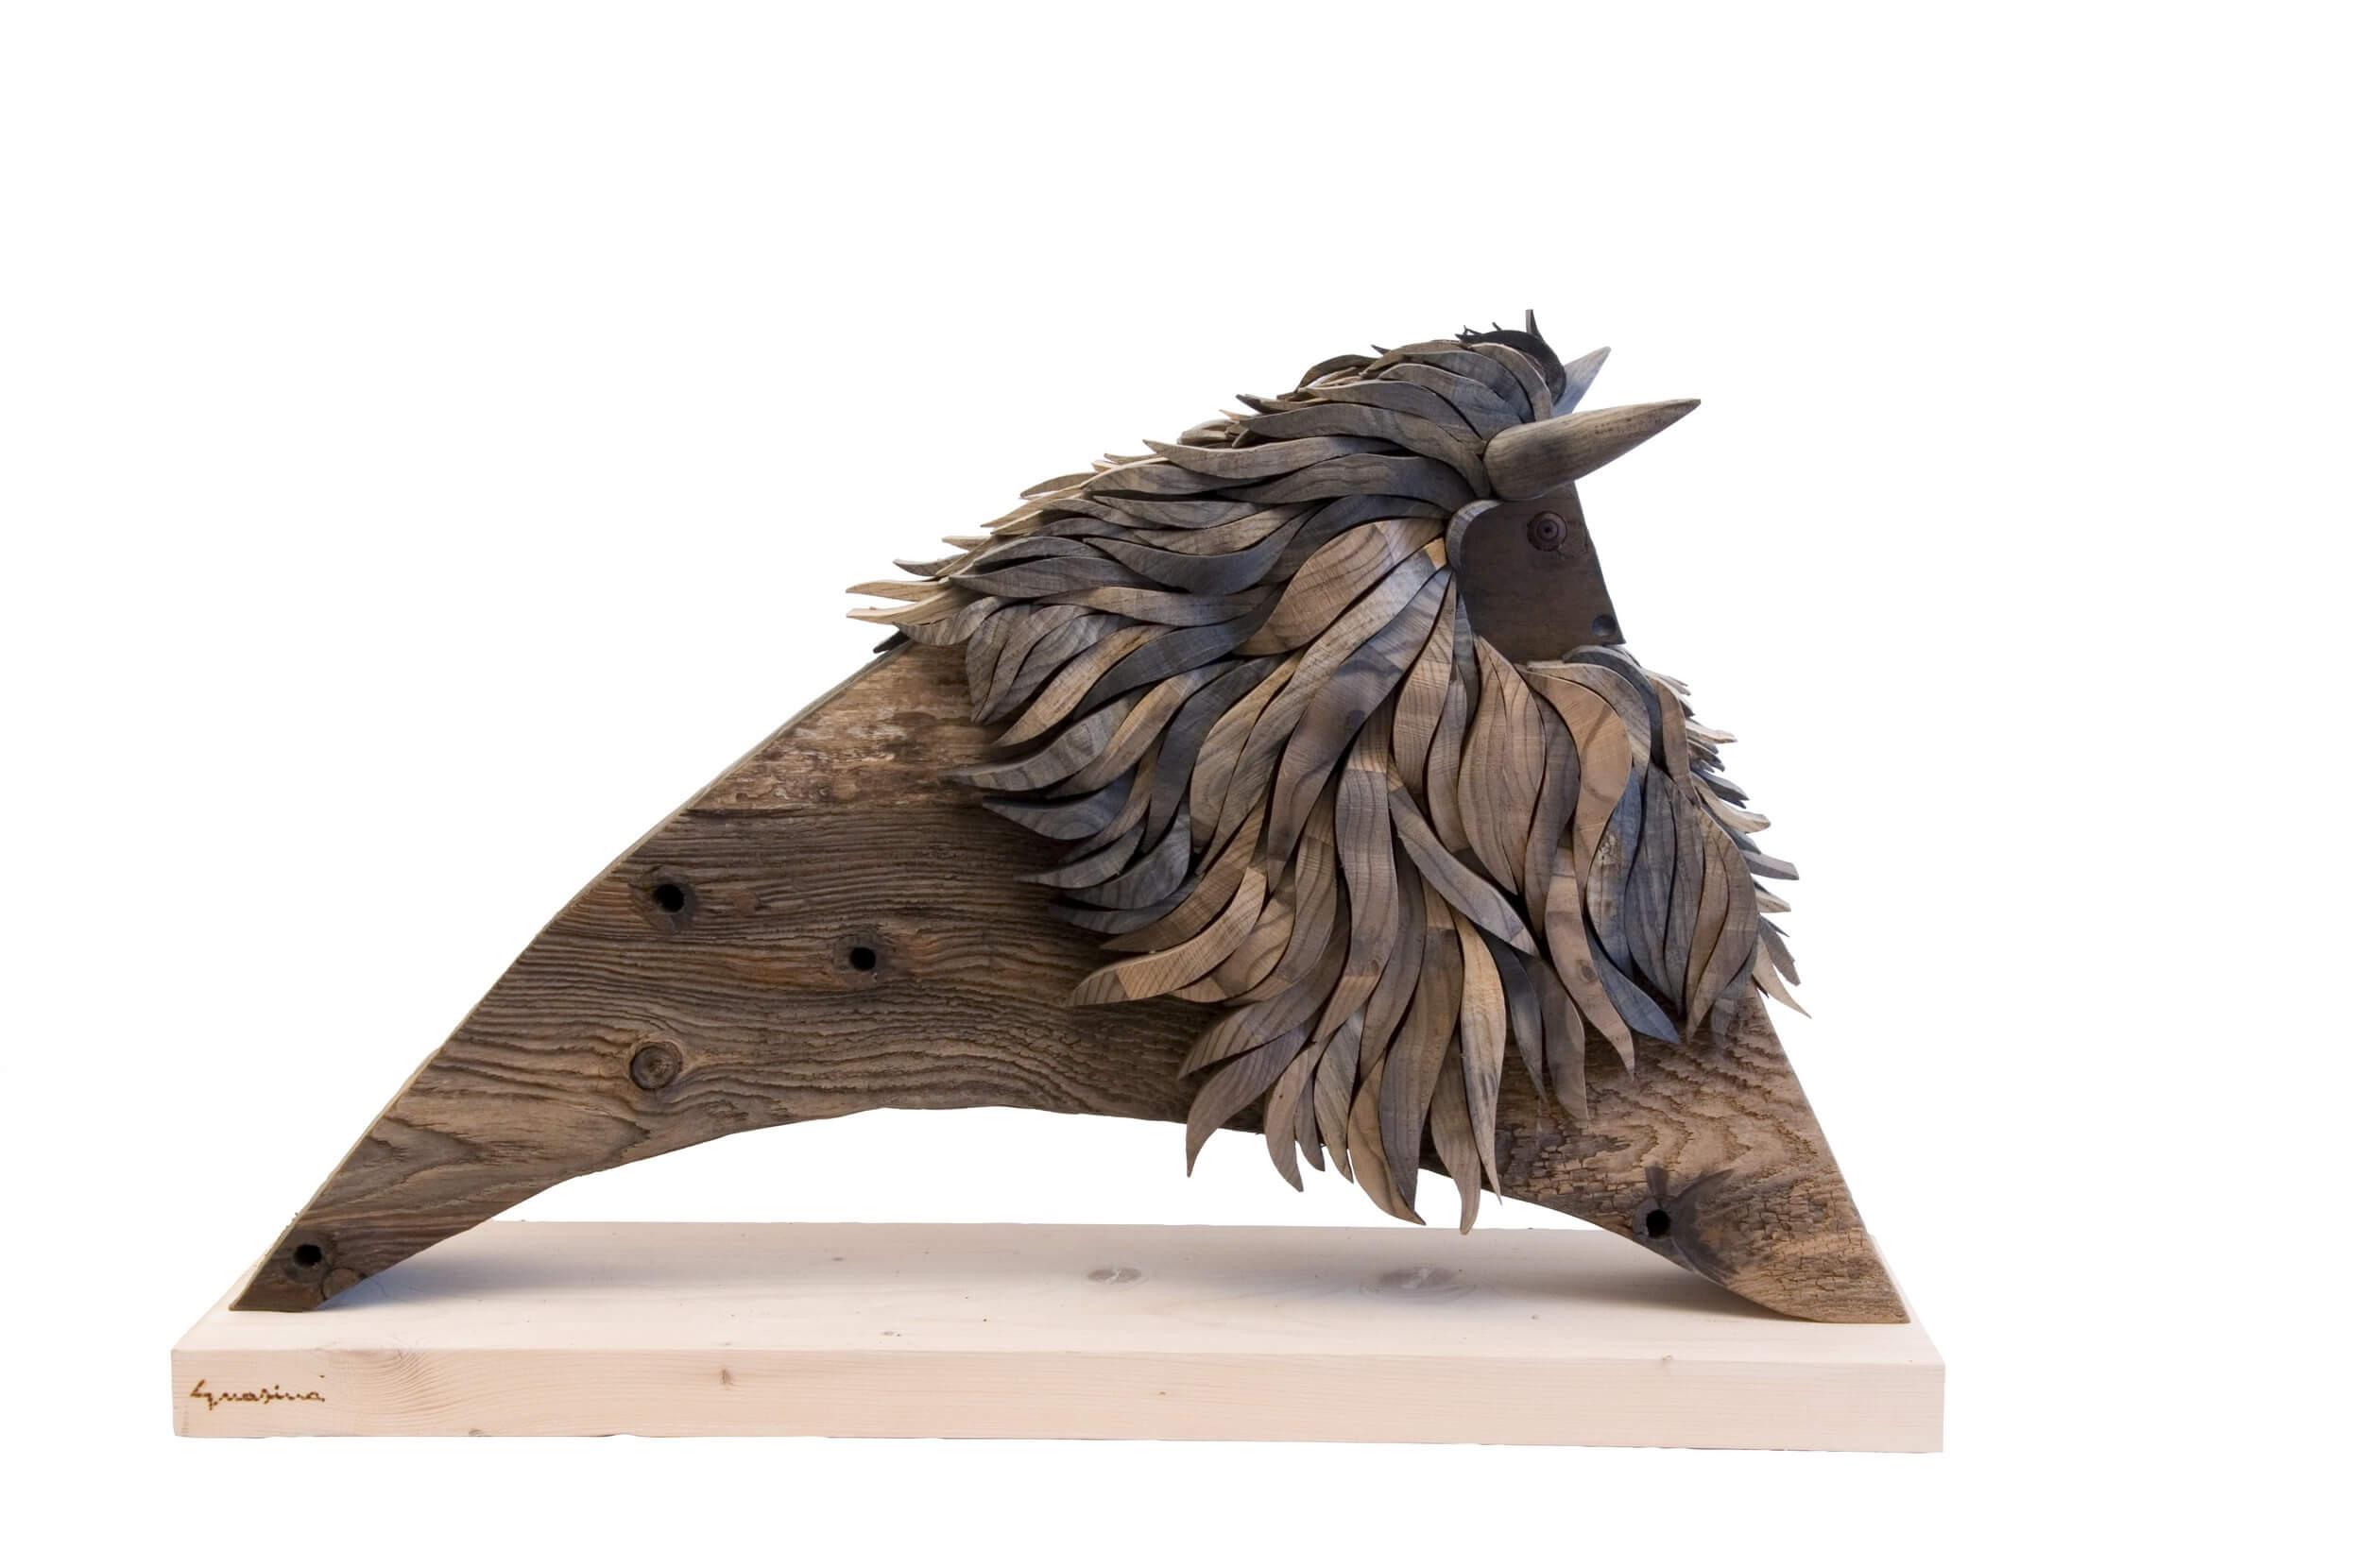 Scultura in legno Bisonte Nero - Dimensione media 75 x 30 x 50  cm (b x p x h)